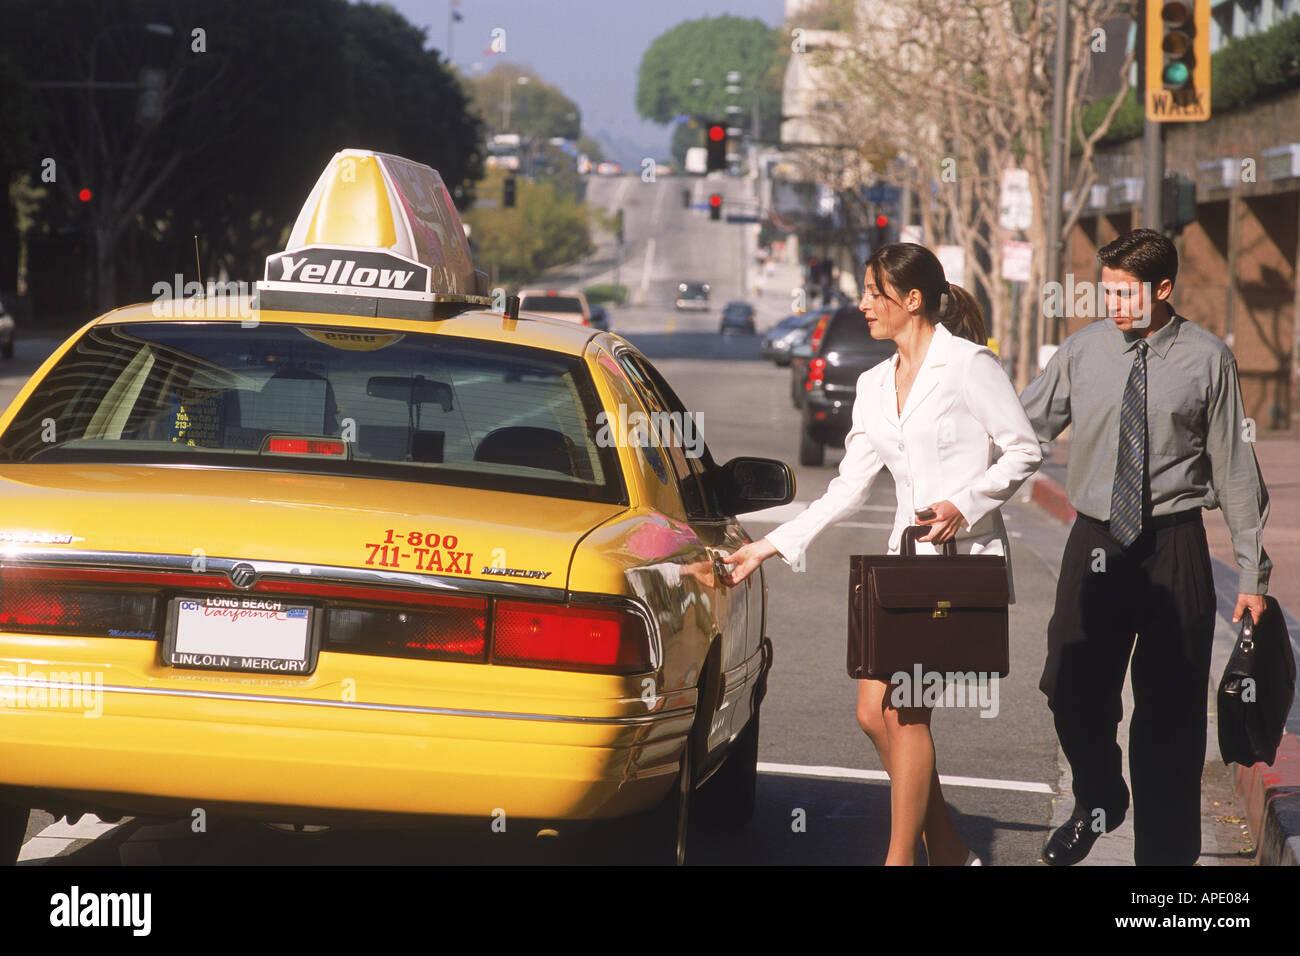 Фак такси секс, FakeTaxi - смотреть порно онлайн в HD 9 фотография